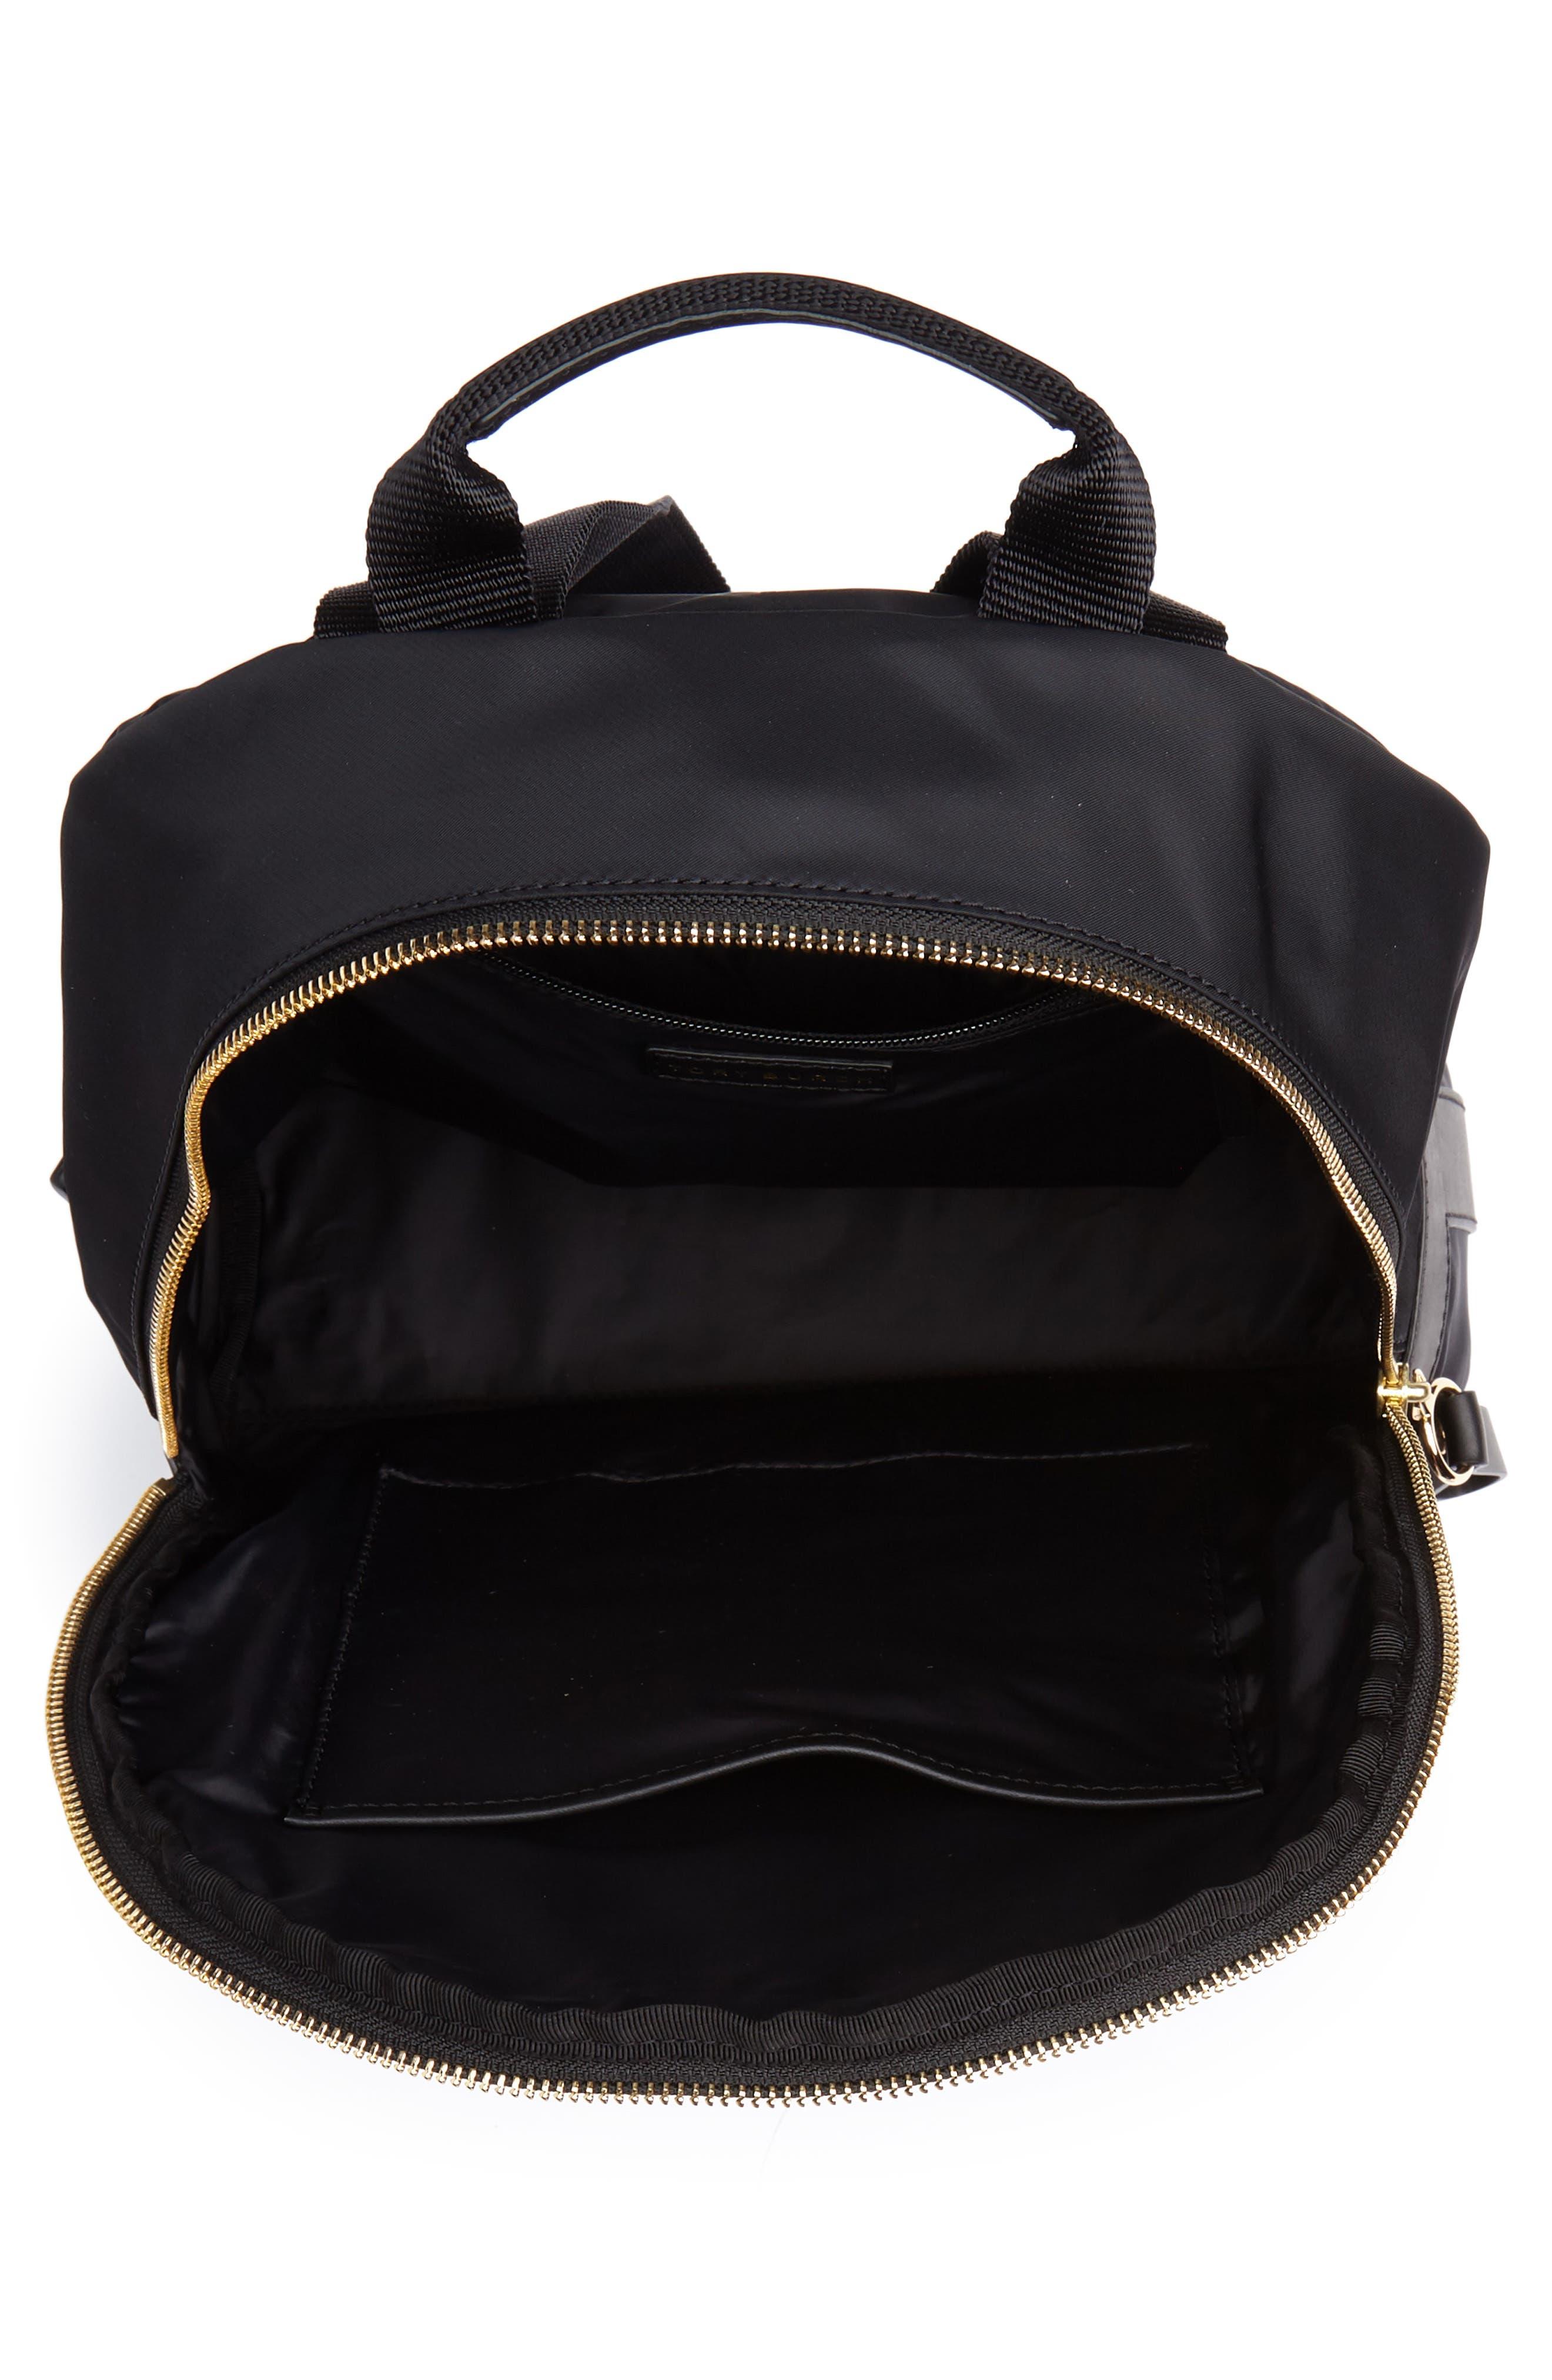 Tilda Nylon Backpack,                             Alternate thumbnail 4, color,                             001